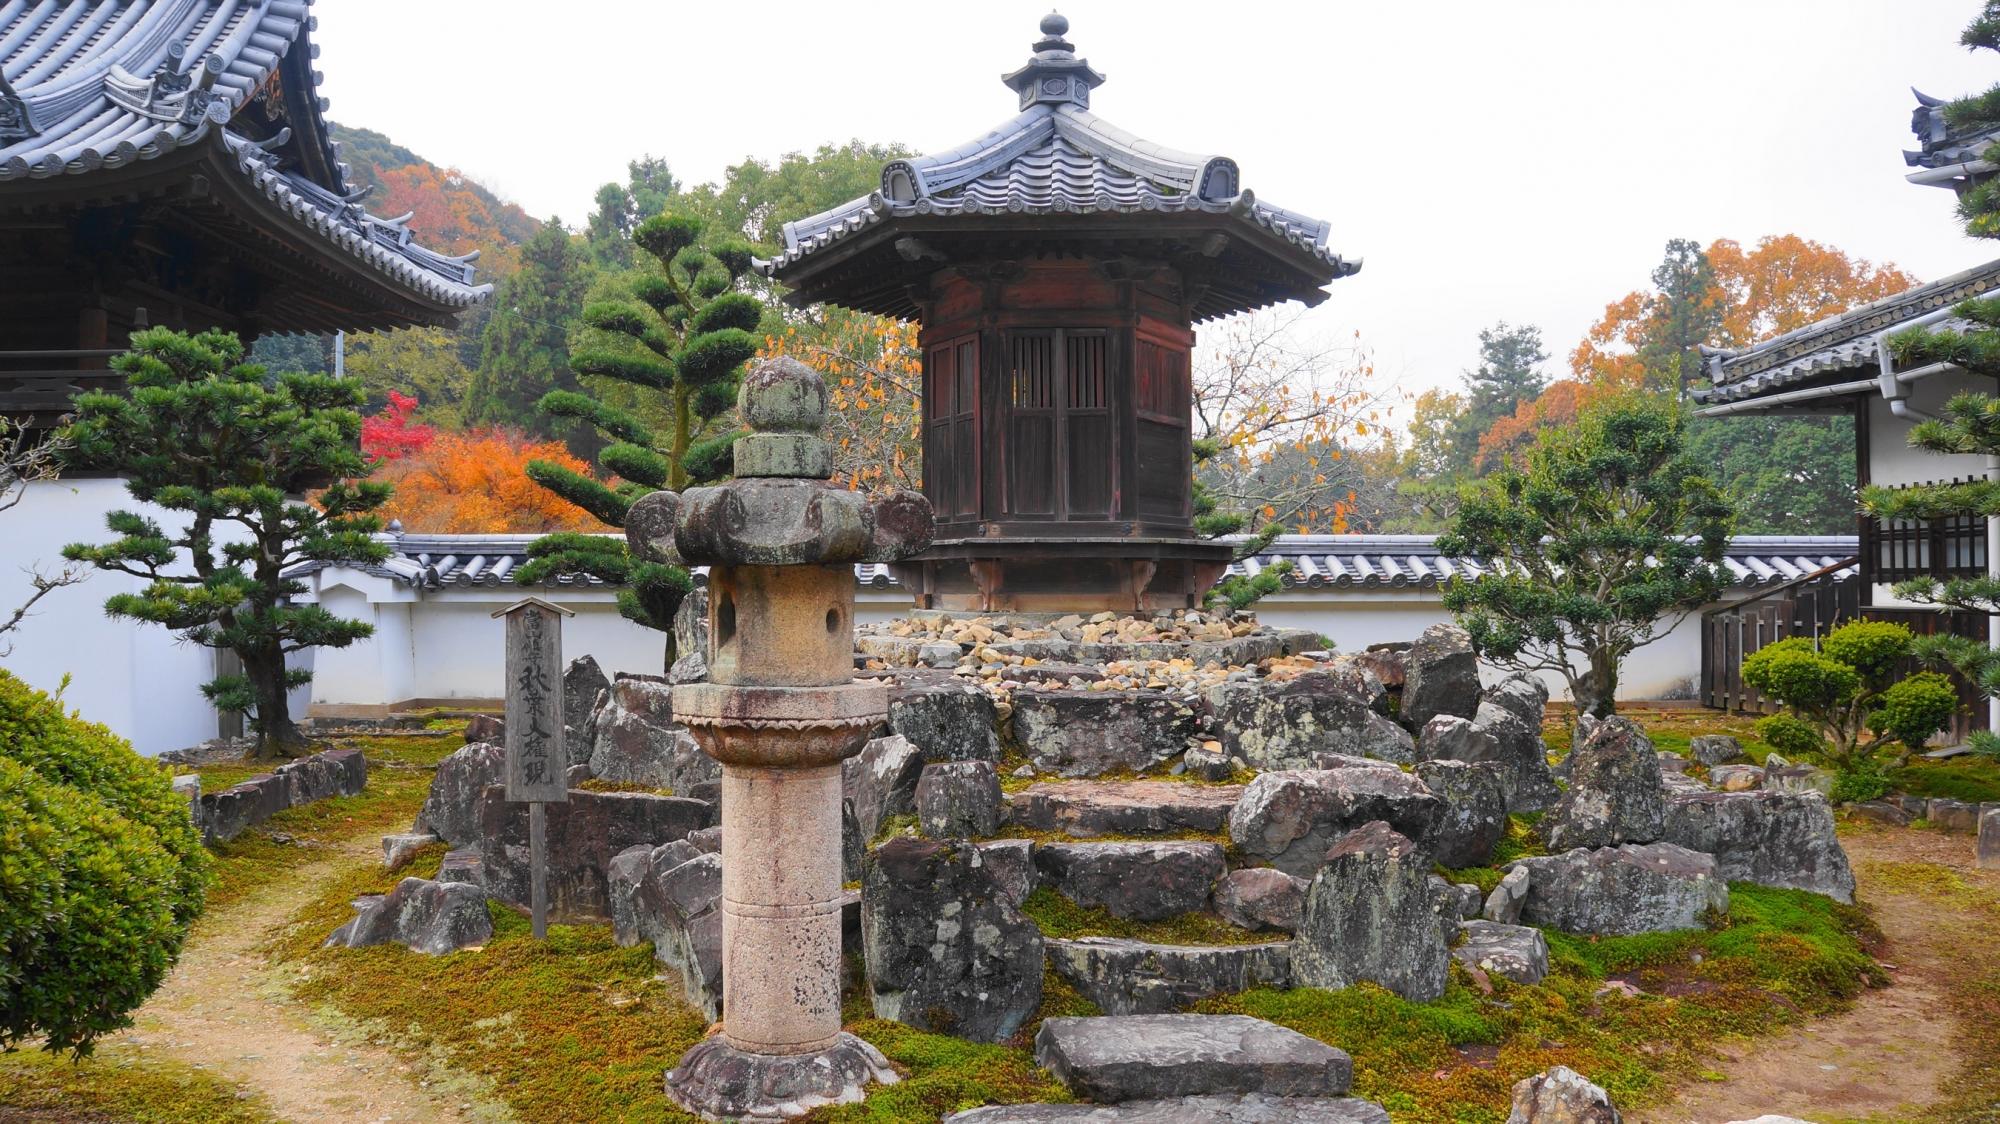 岩垣の上に佇む興聖寺の鎮守社